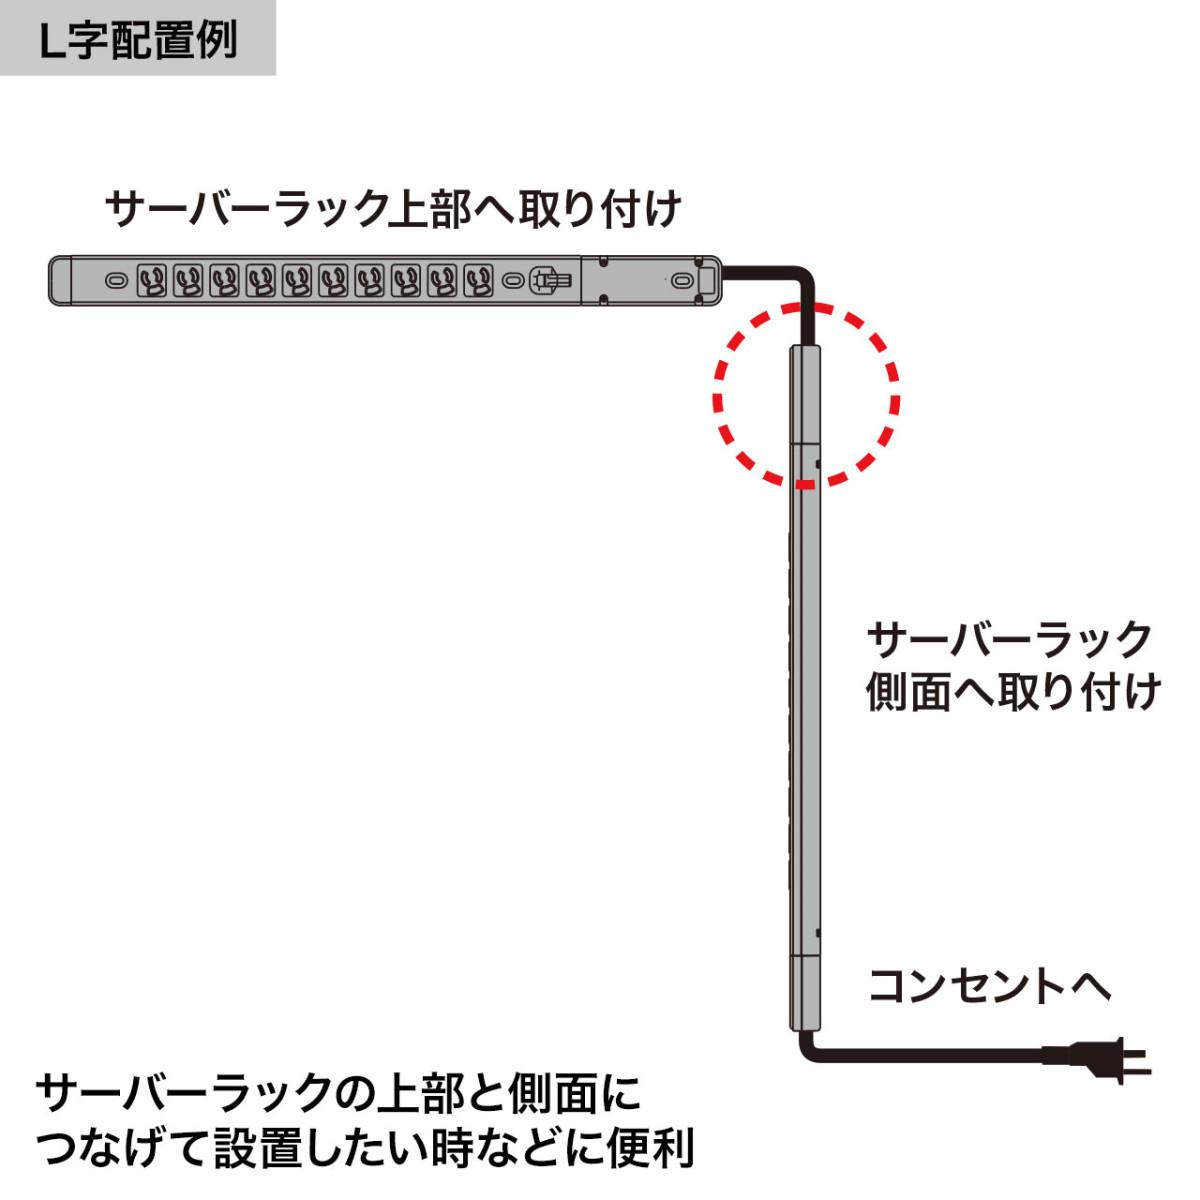 [TAP-ME7051] サーバーラック用 コンセントバー延長用アダプタ 15A